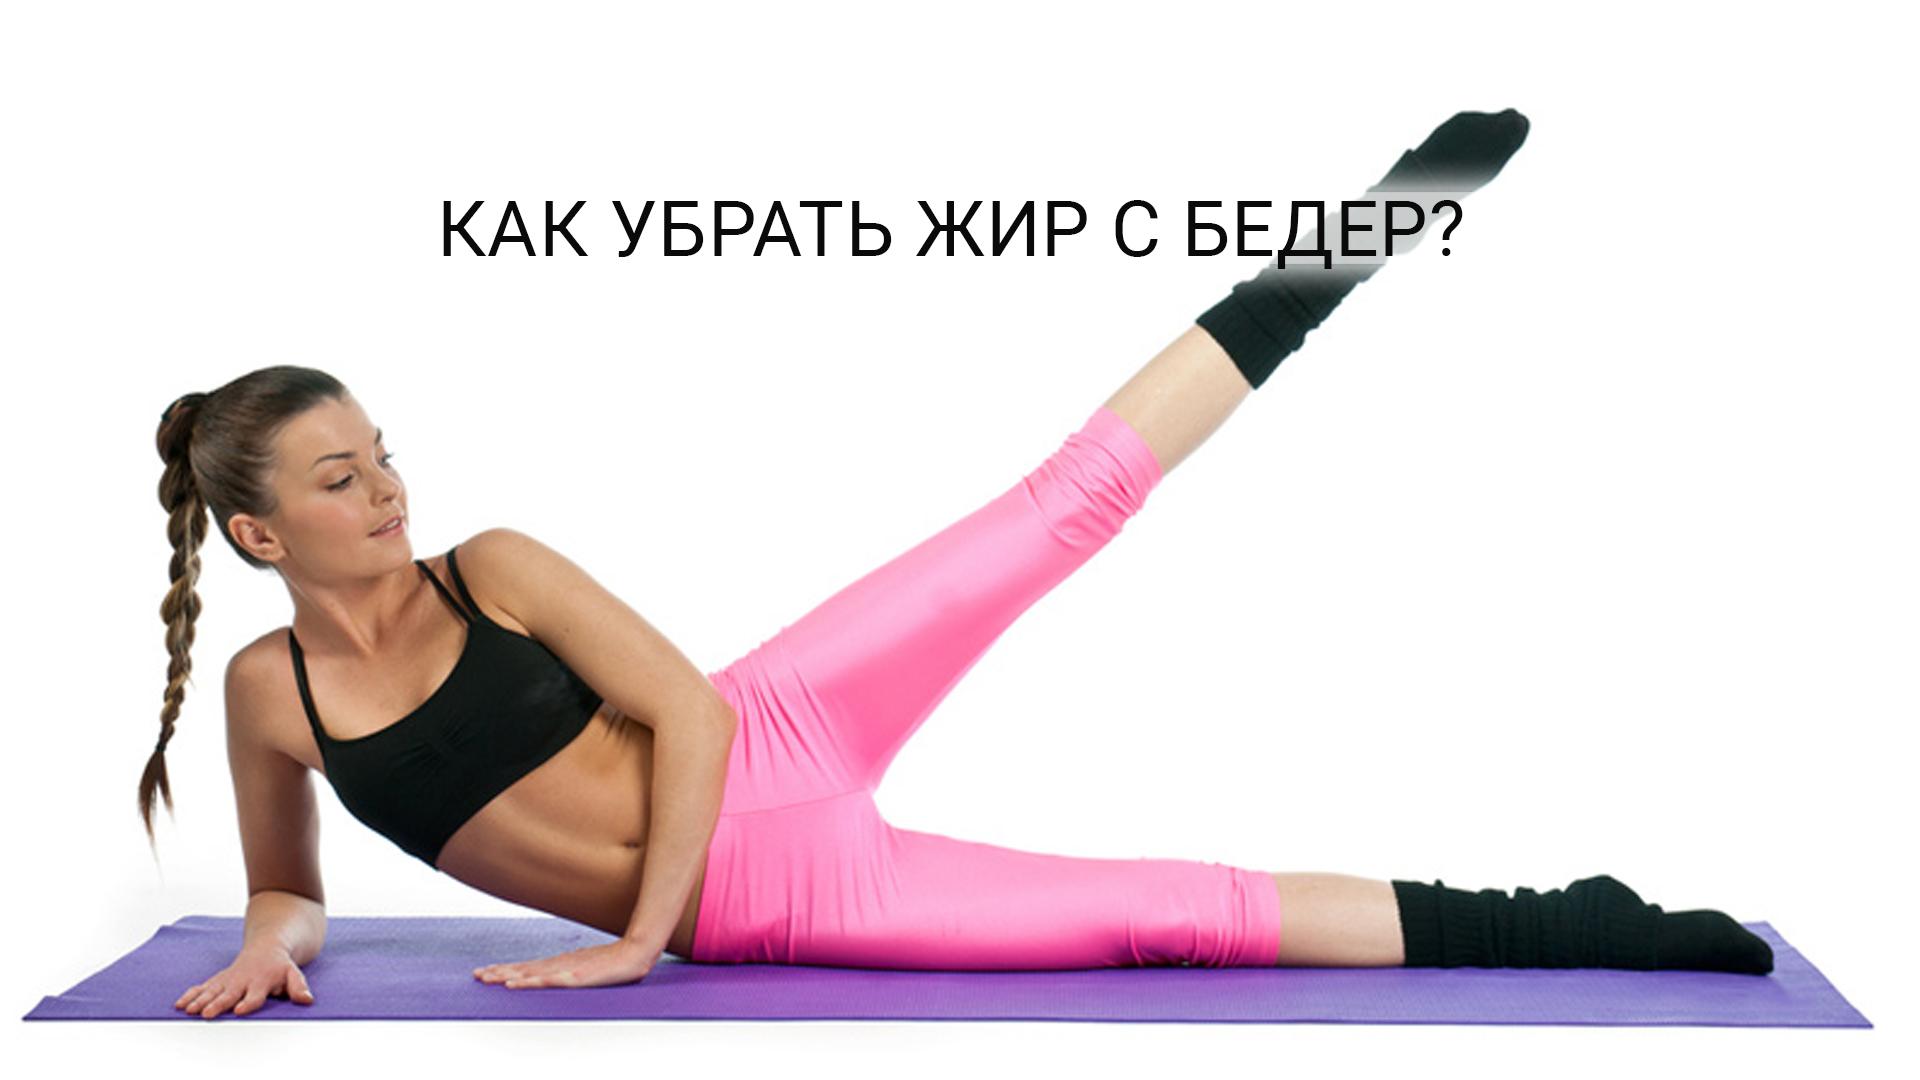 Упражнения для бедер